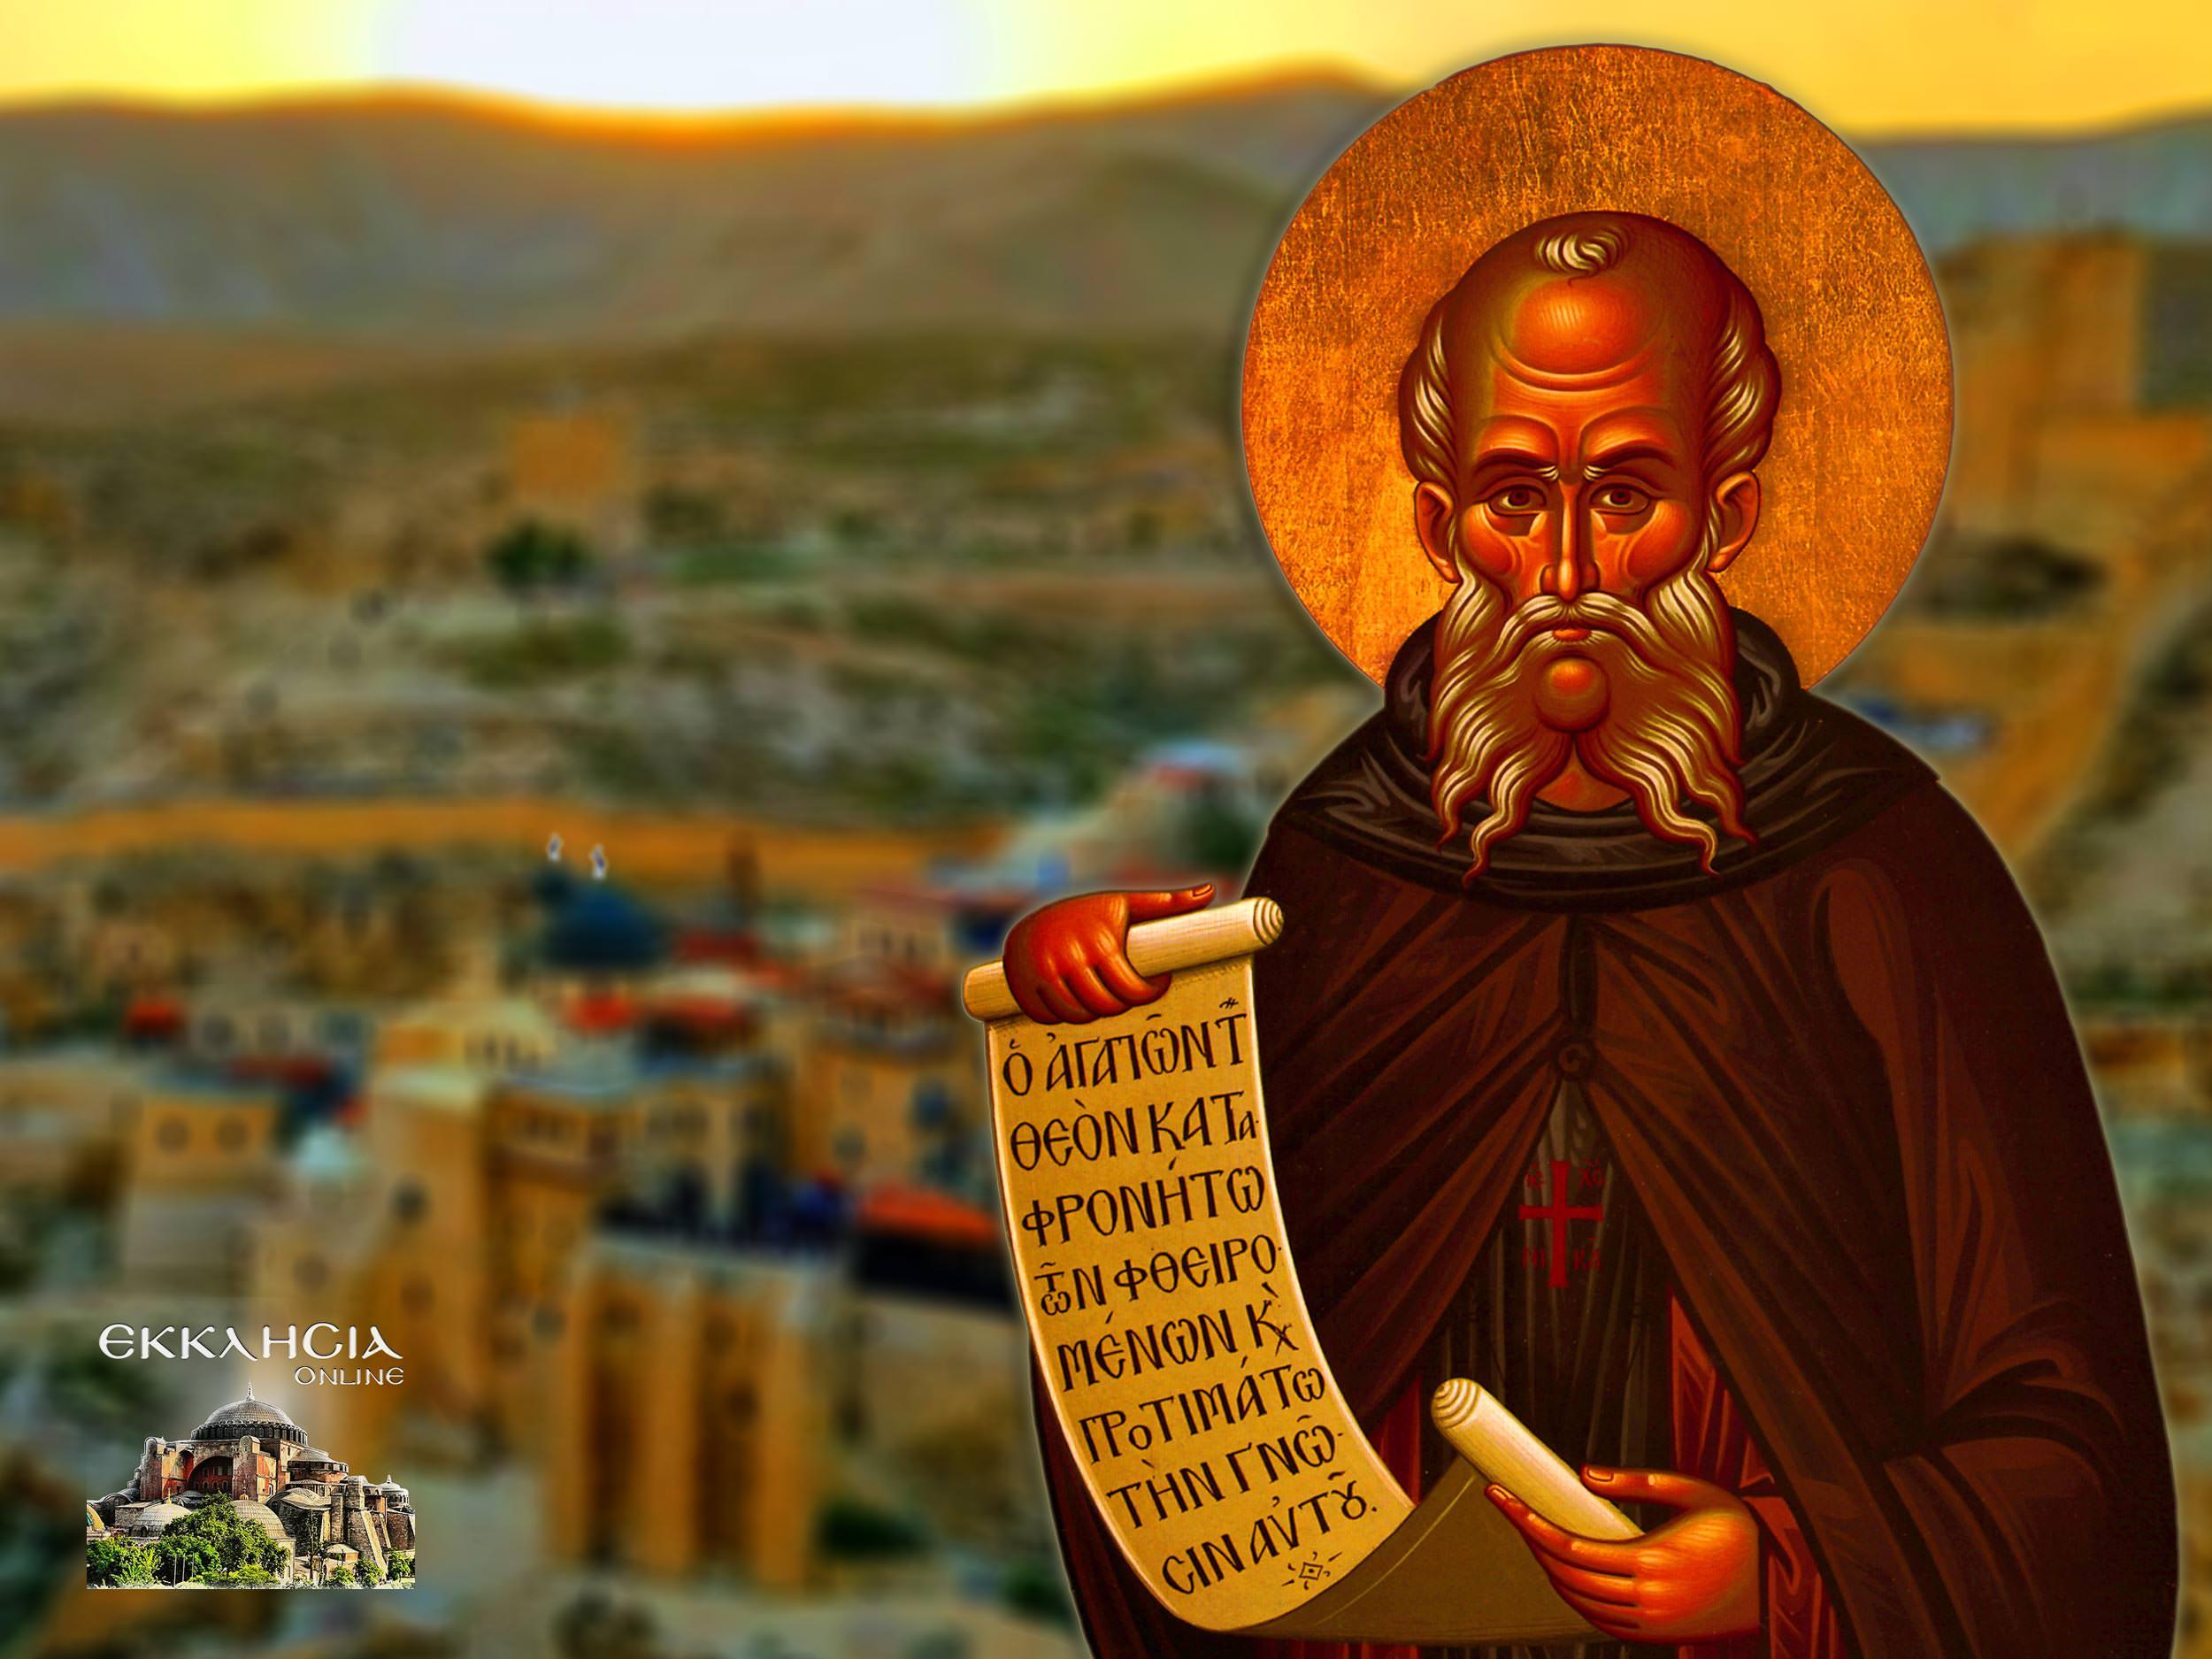 Άγιος Σάββας ο Ηγιασμένος 5 Δεκεμβρίου